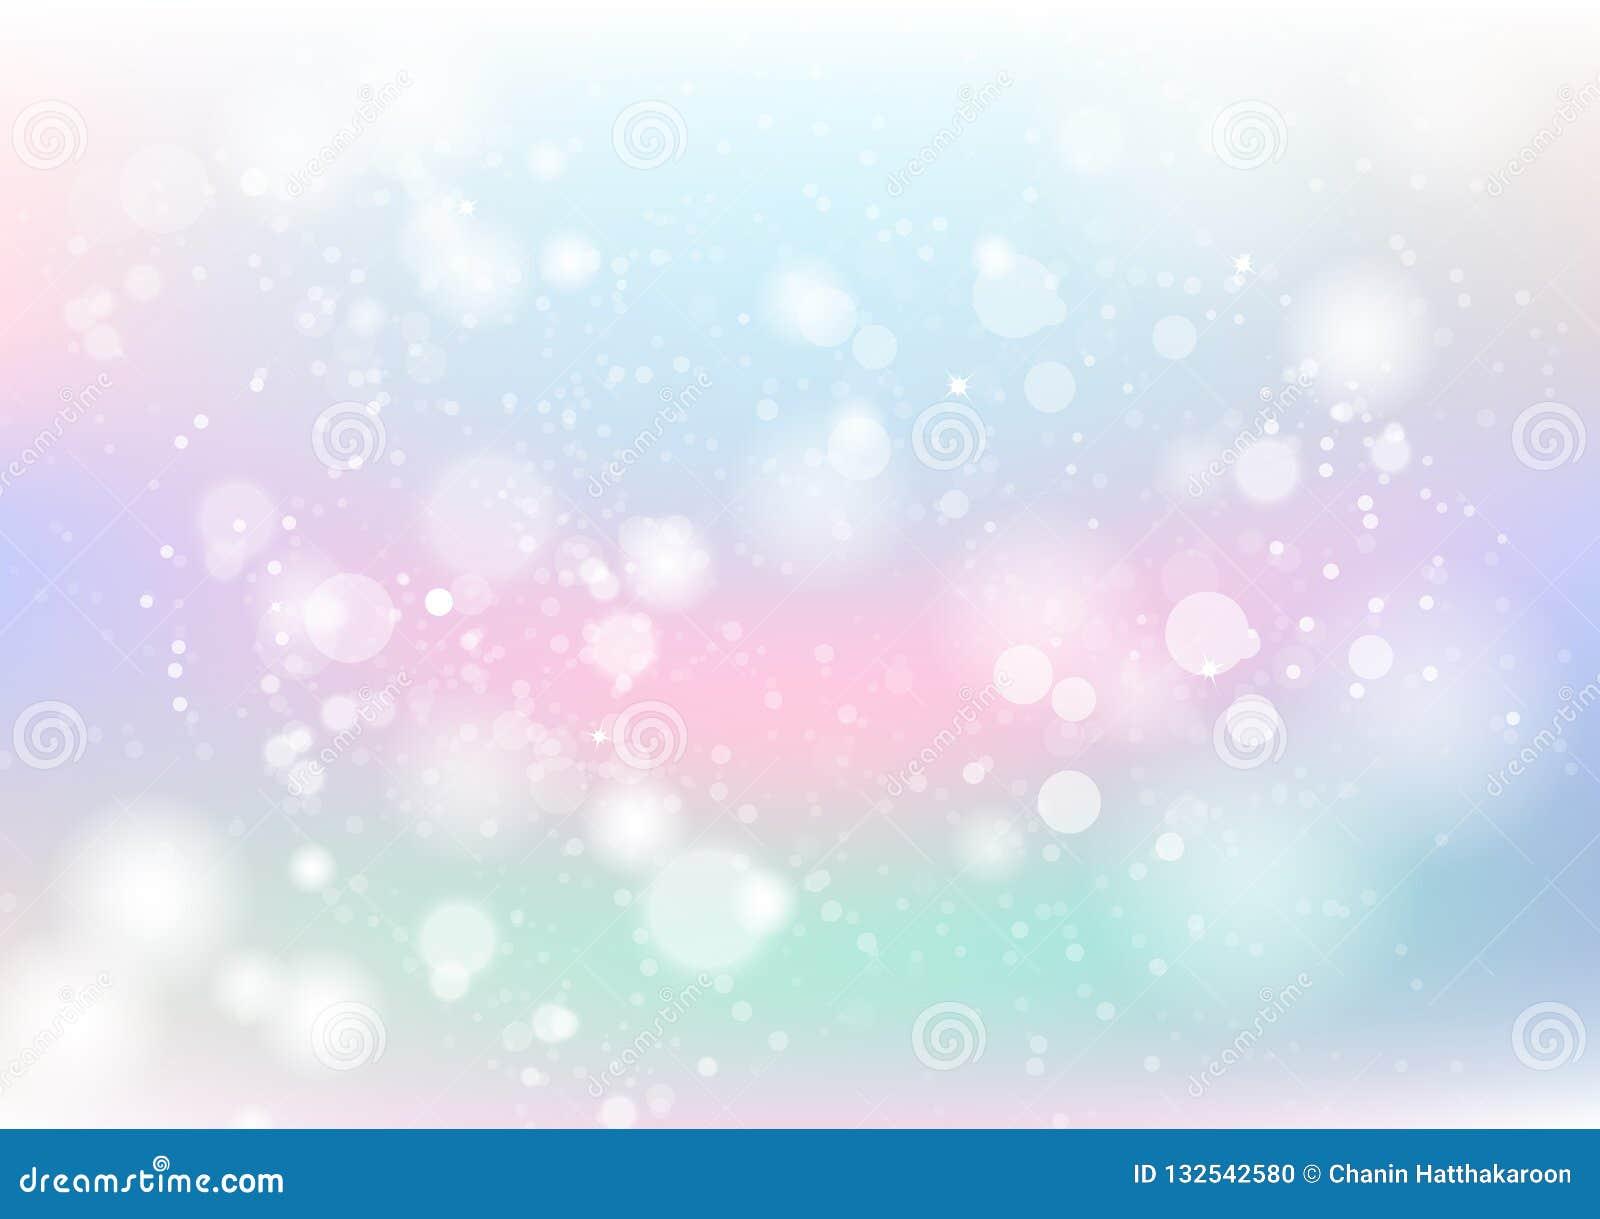 Pastelkleur, abstracte achtergrond, kleurrijk, stof en deeltjes scatte